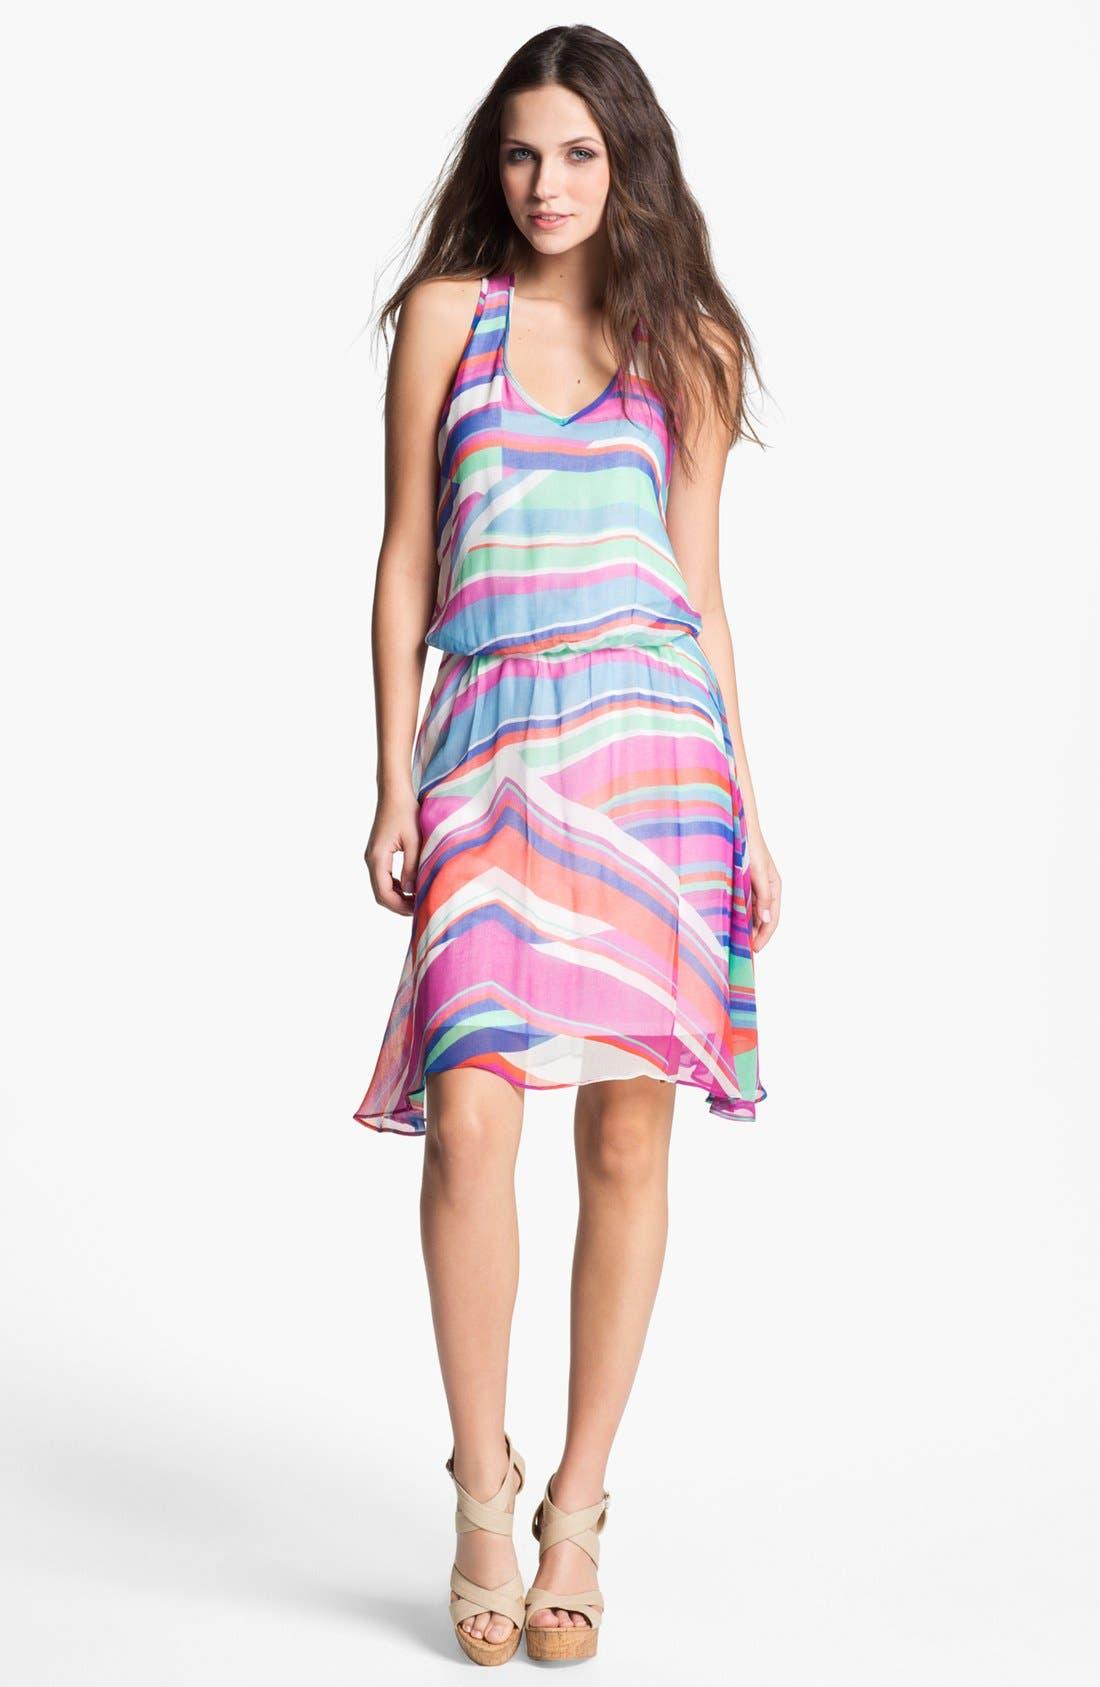 Main Image - Ella Moss Print Chiffon Tank Dress